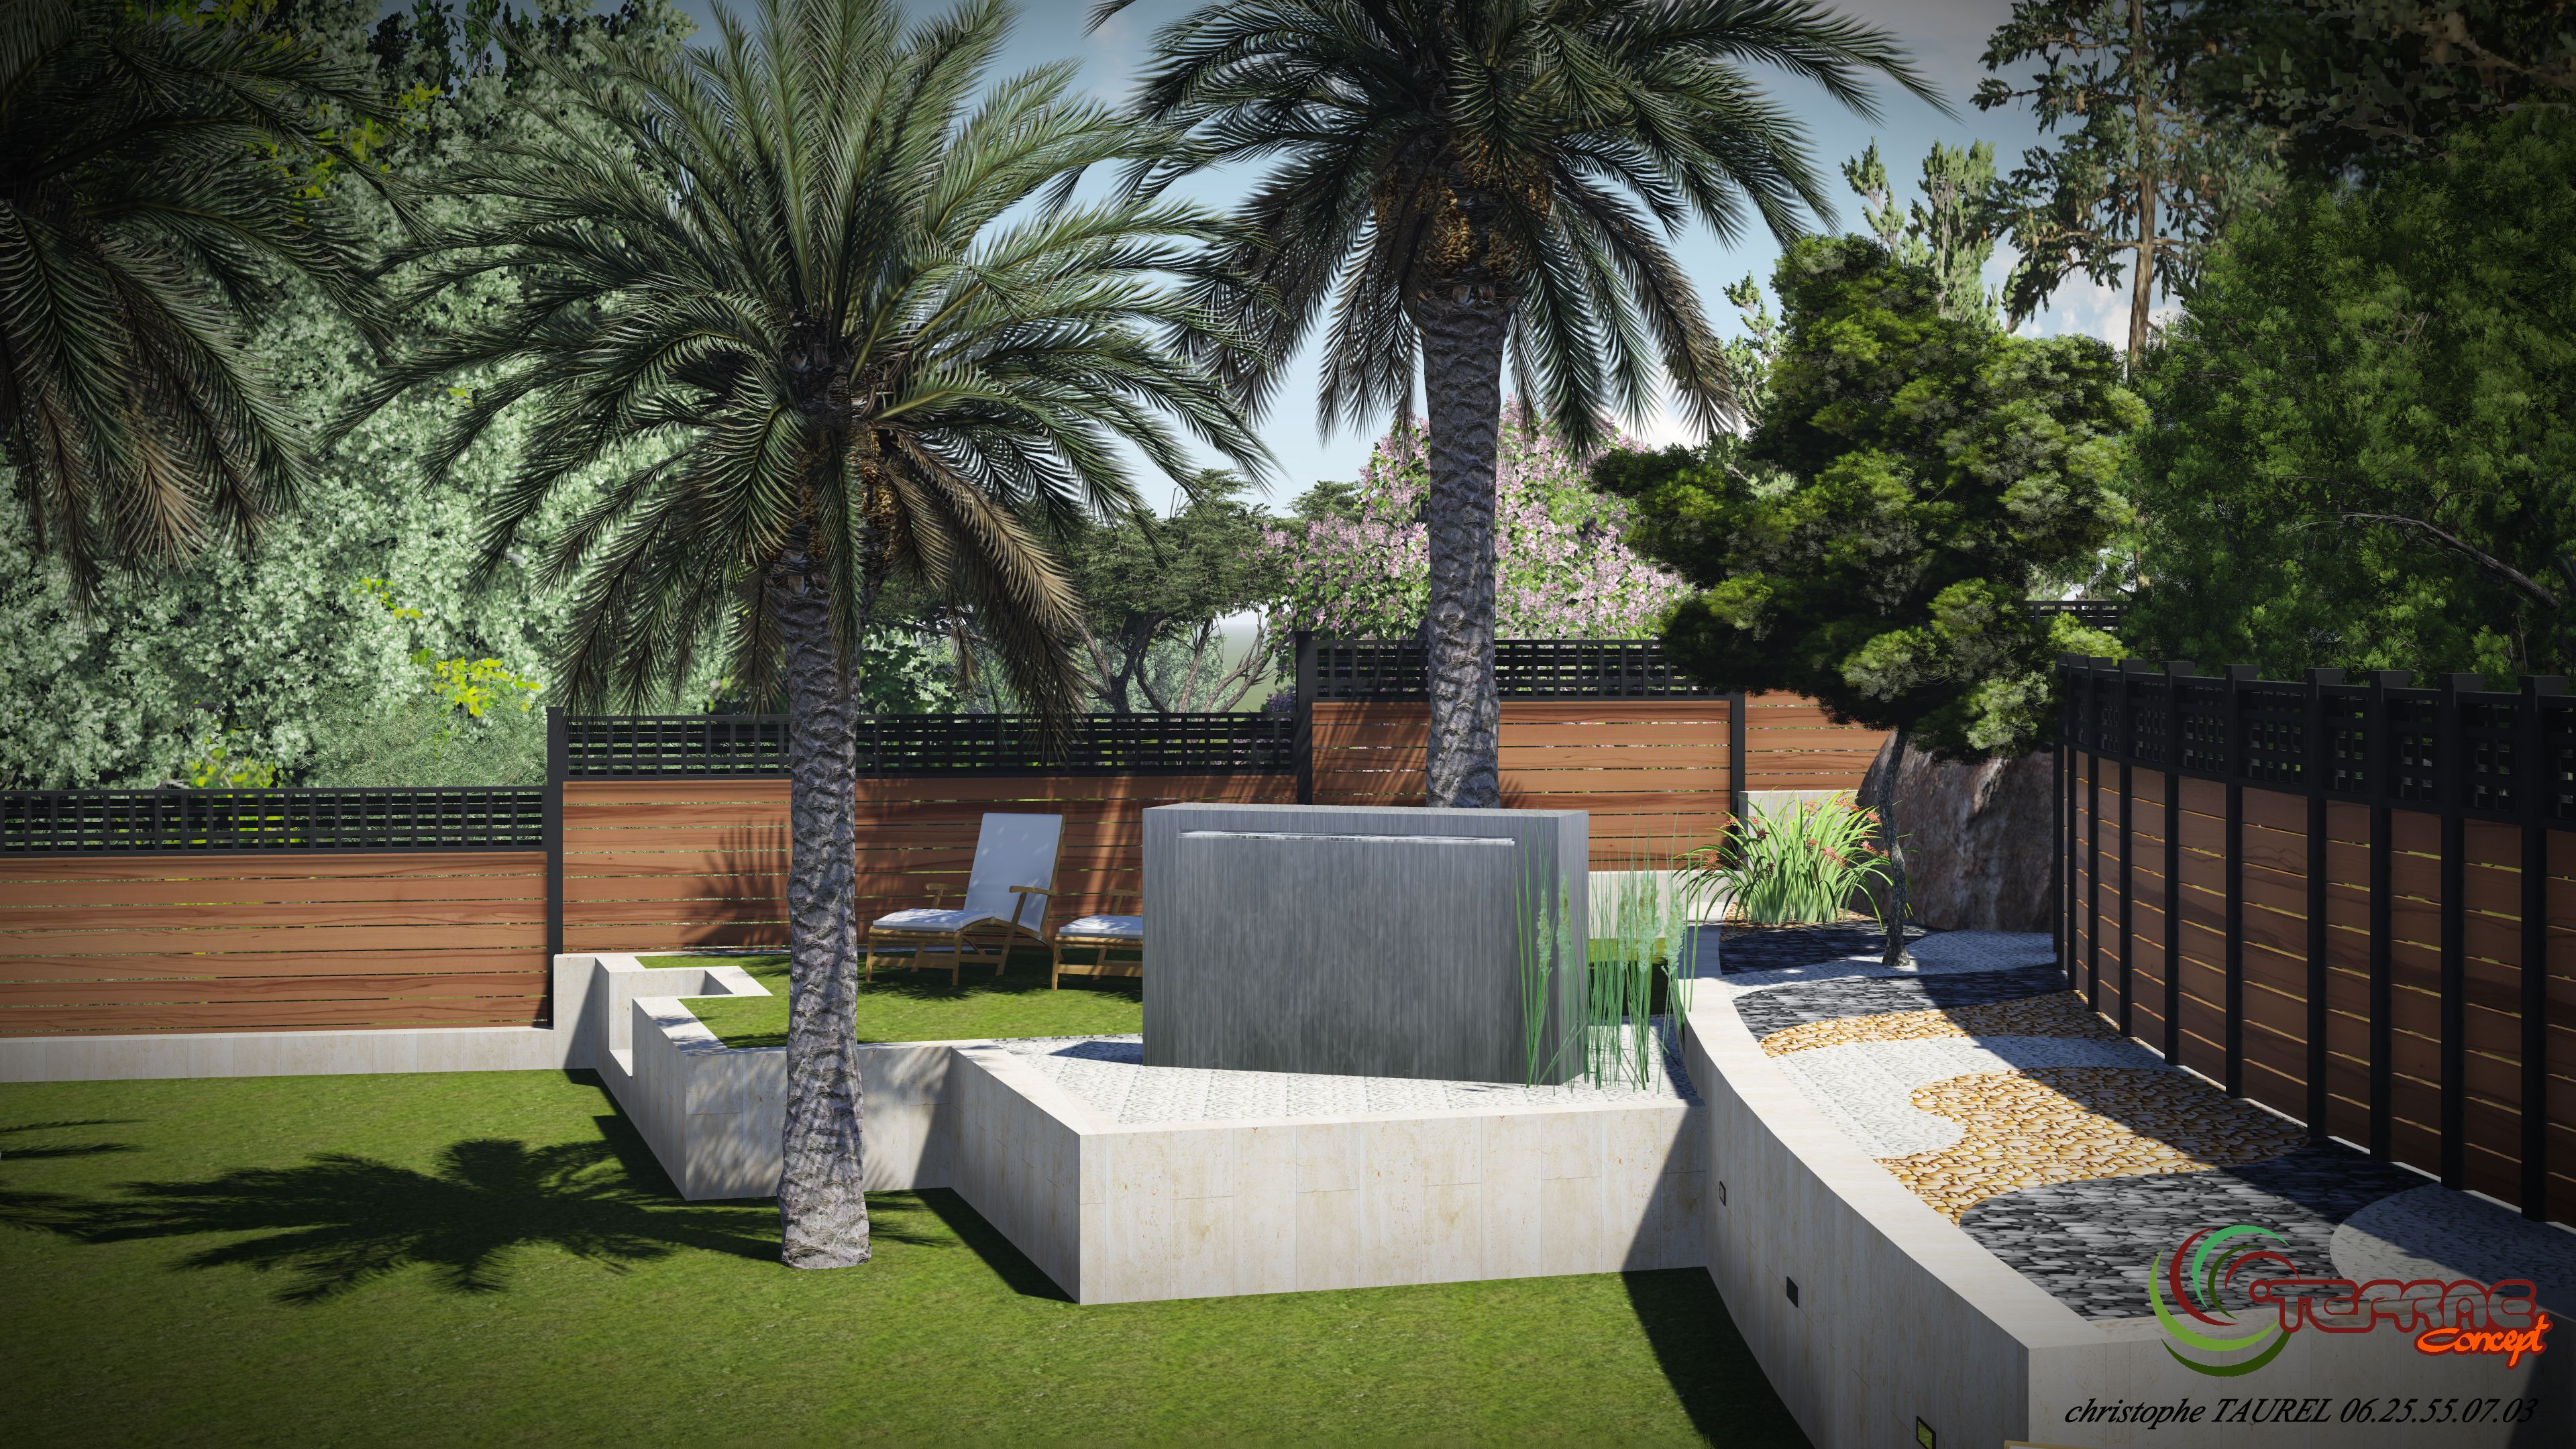 Image maison 3d permis de construire plan maison 3d for Plan d une piscine miroir